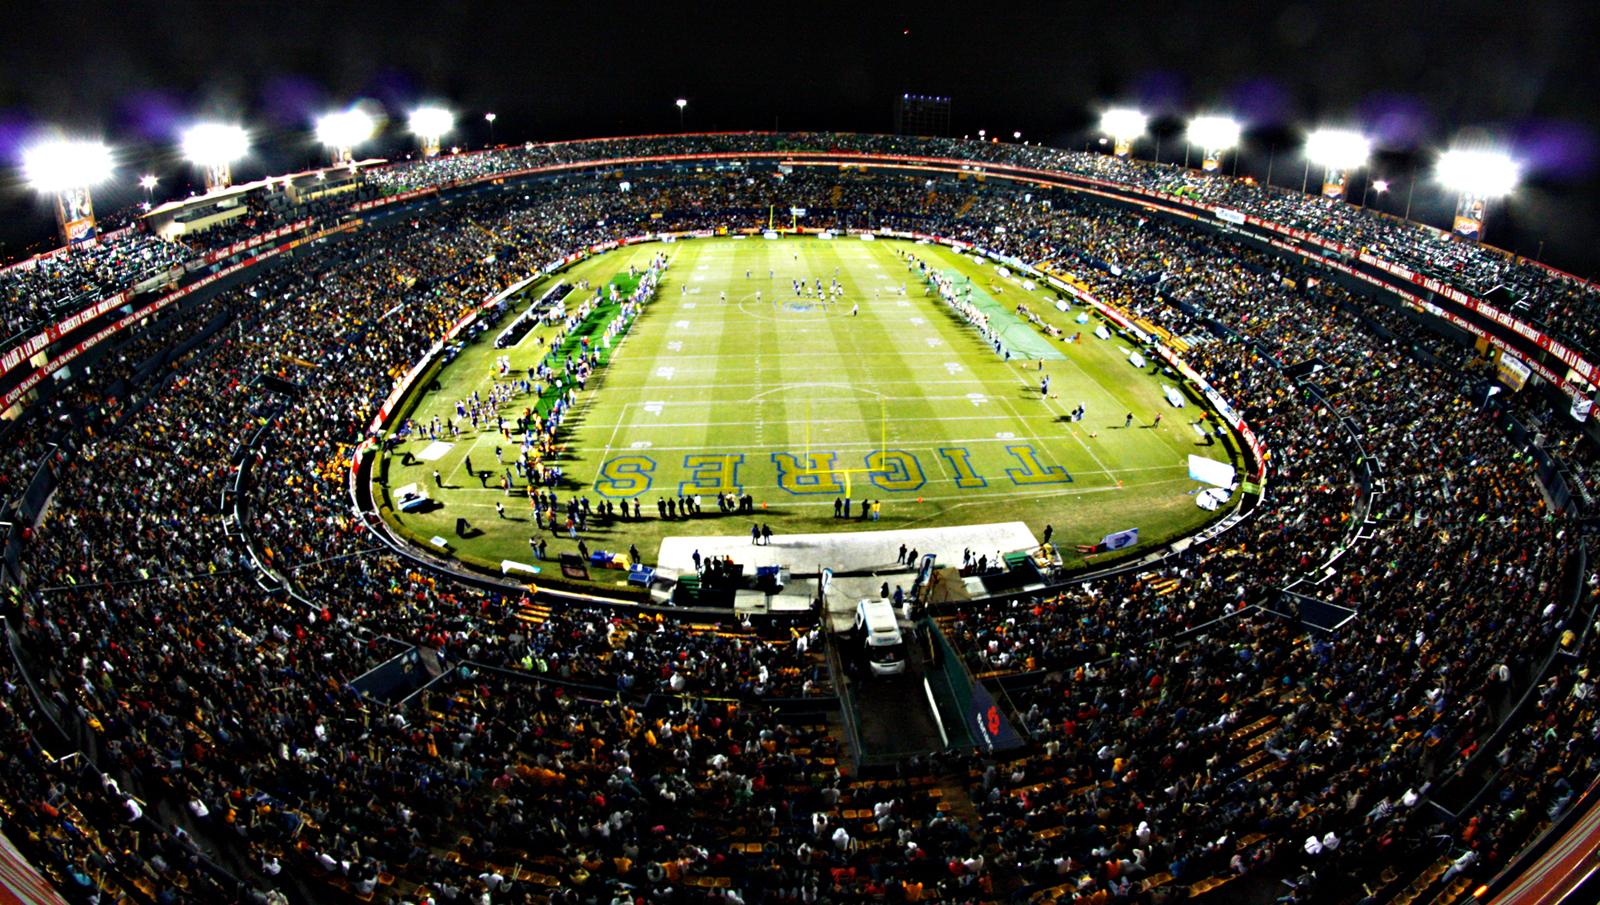 Mi ciudad monterrey nuevo le n m xico taringa for Puerta 9 estadio universitario